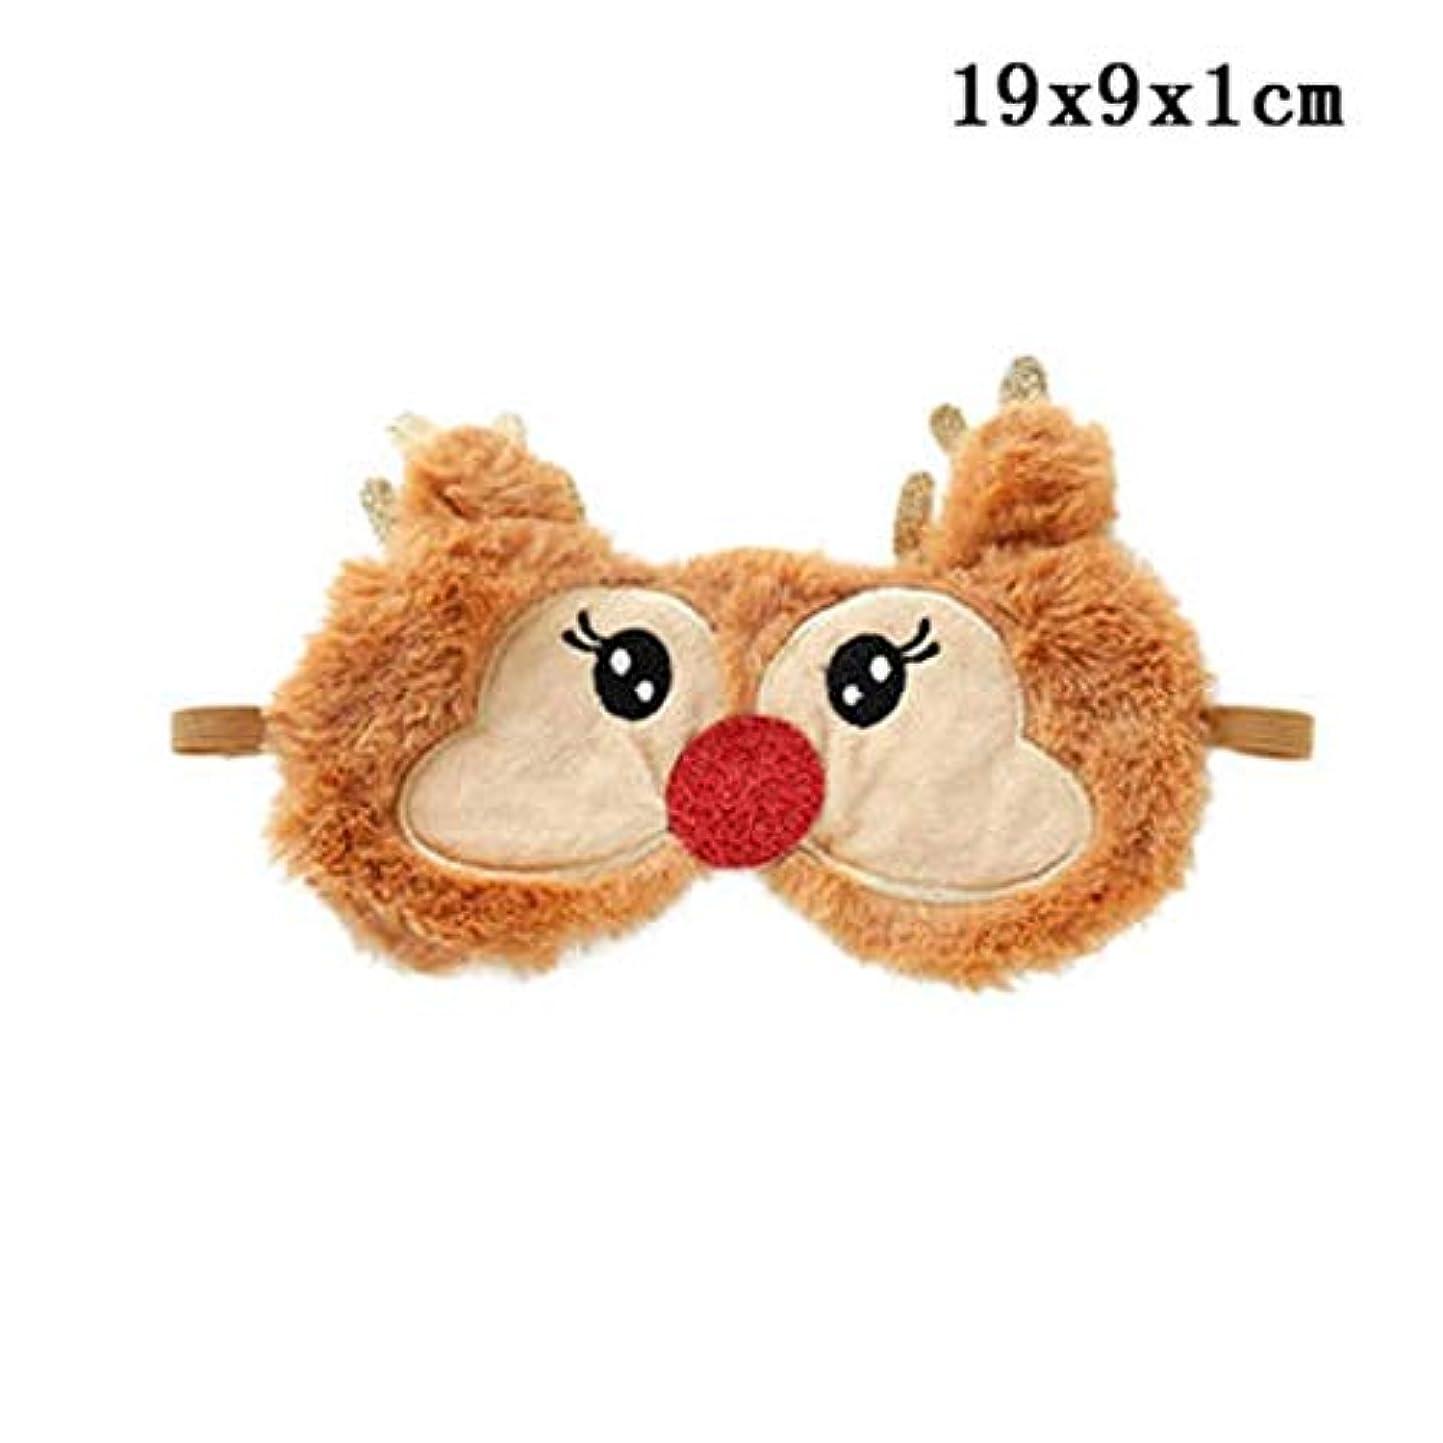 流有能な注文NOTE かわいいアイスクリームユニコーンソフトスリーピングアイカバーマスククリスマス鹿かわいい動物ぬいぐるみ生地用ホーム旅行